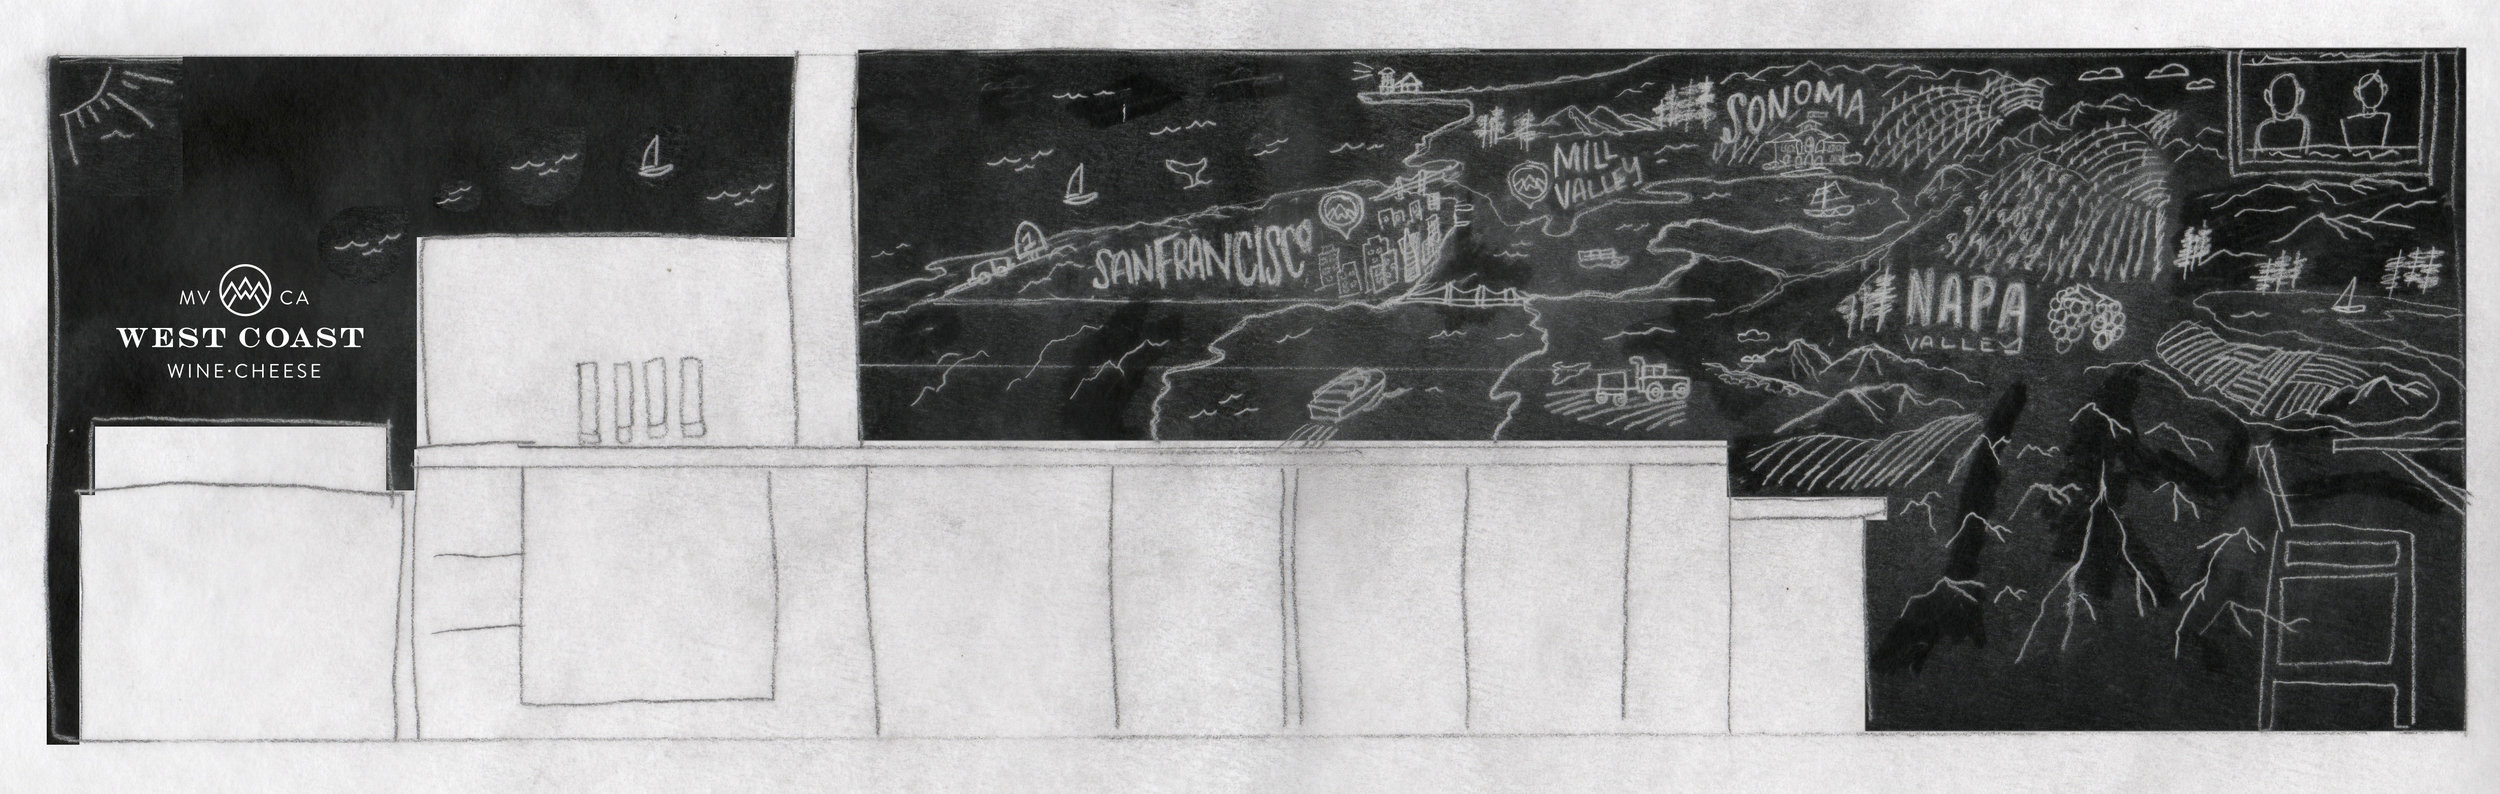 MuralOption 1.jpg